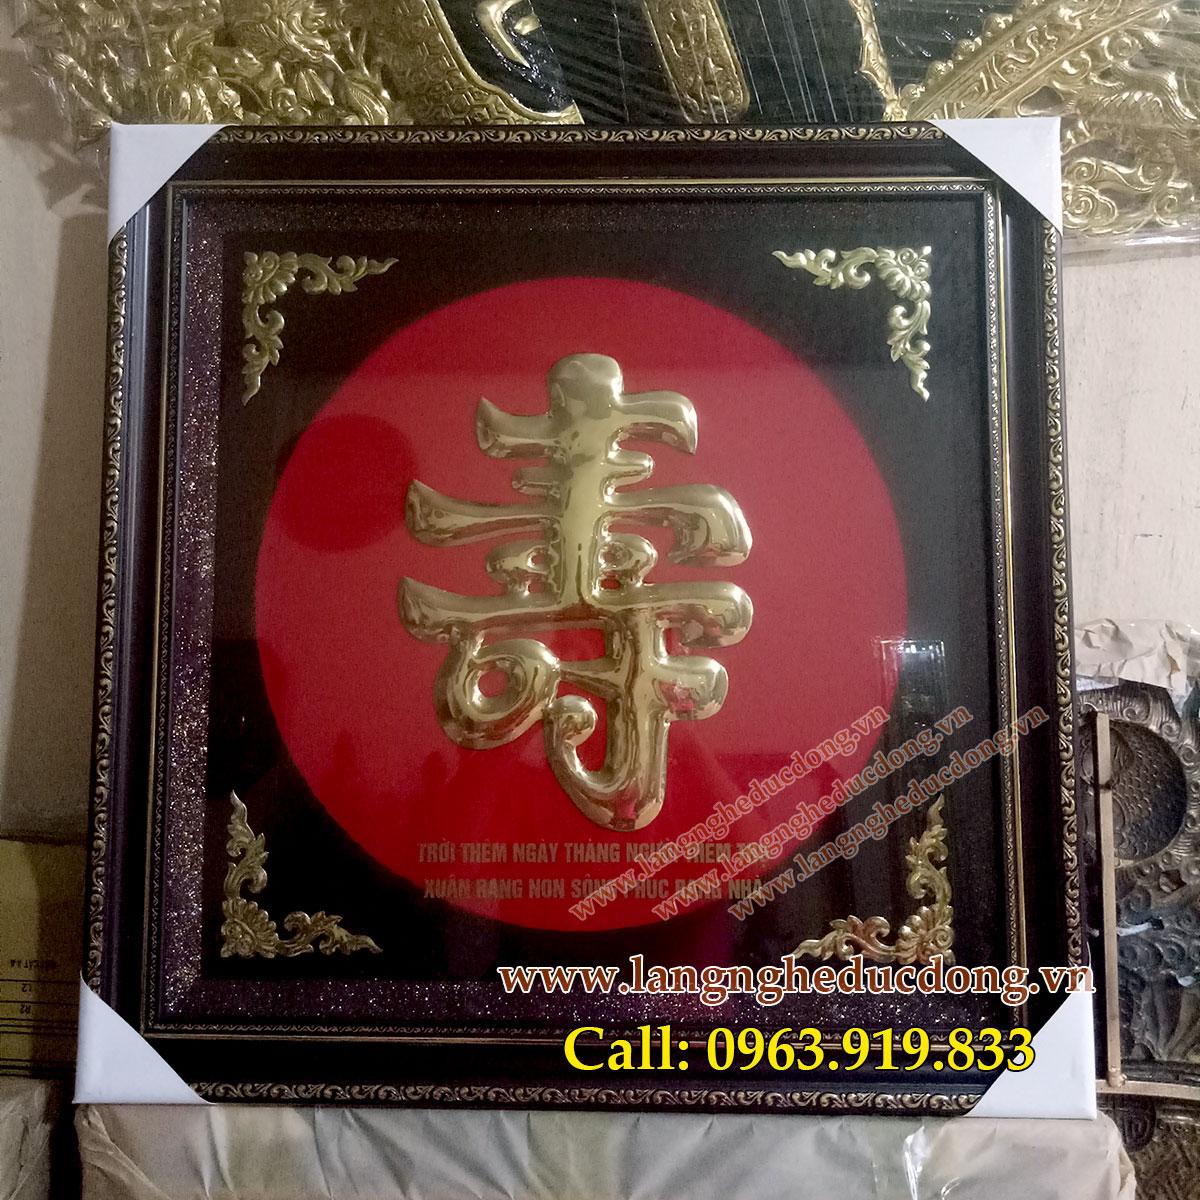 langngheducdong.vn - tranh đồng, tranh chữ thọ bằng đông, mẫu tranh đồng